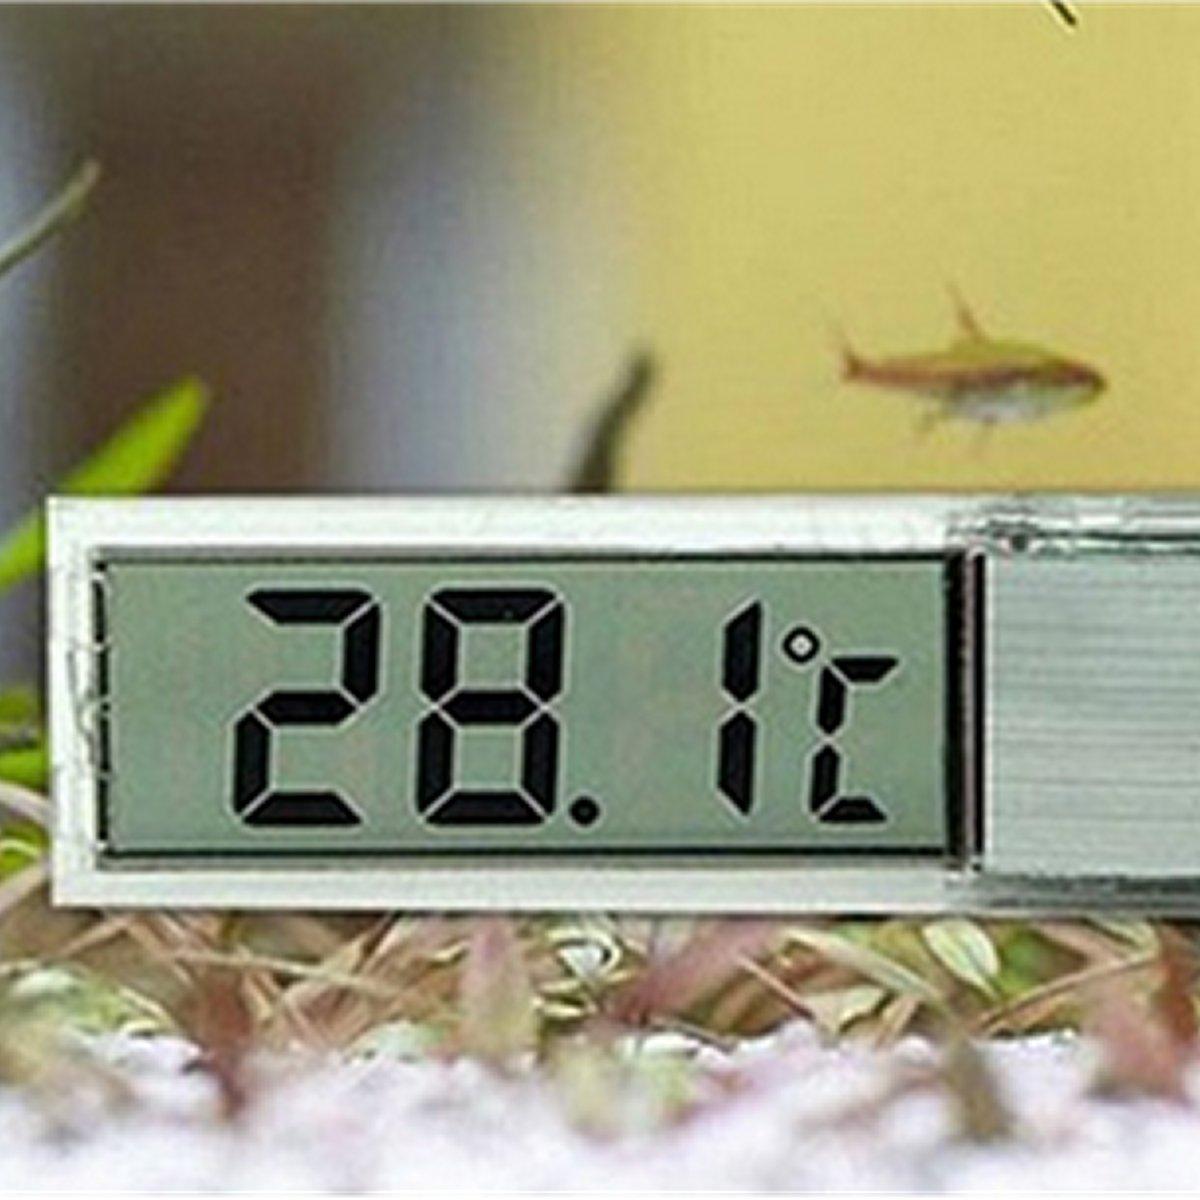 Termometro digitale lcd per acquario e terrario ulisse for Termometro per acquario tartarughe